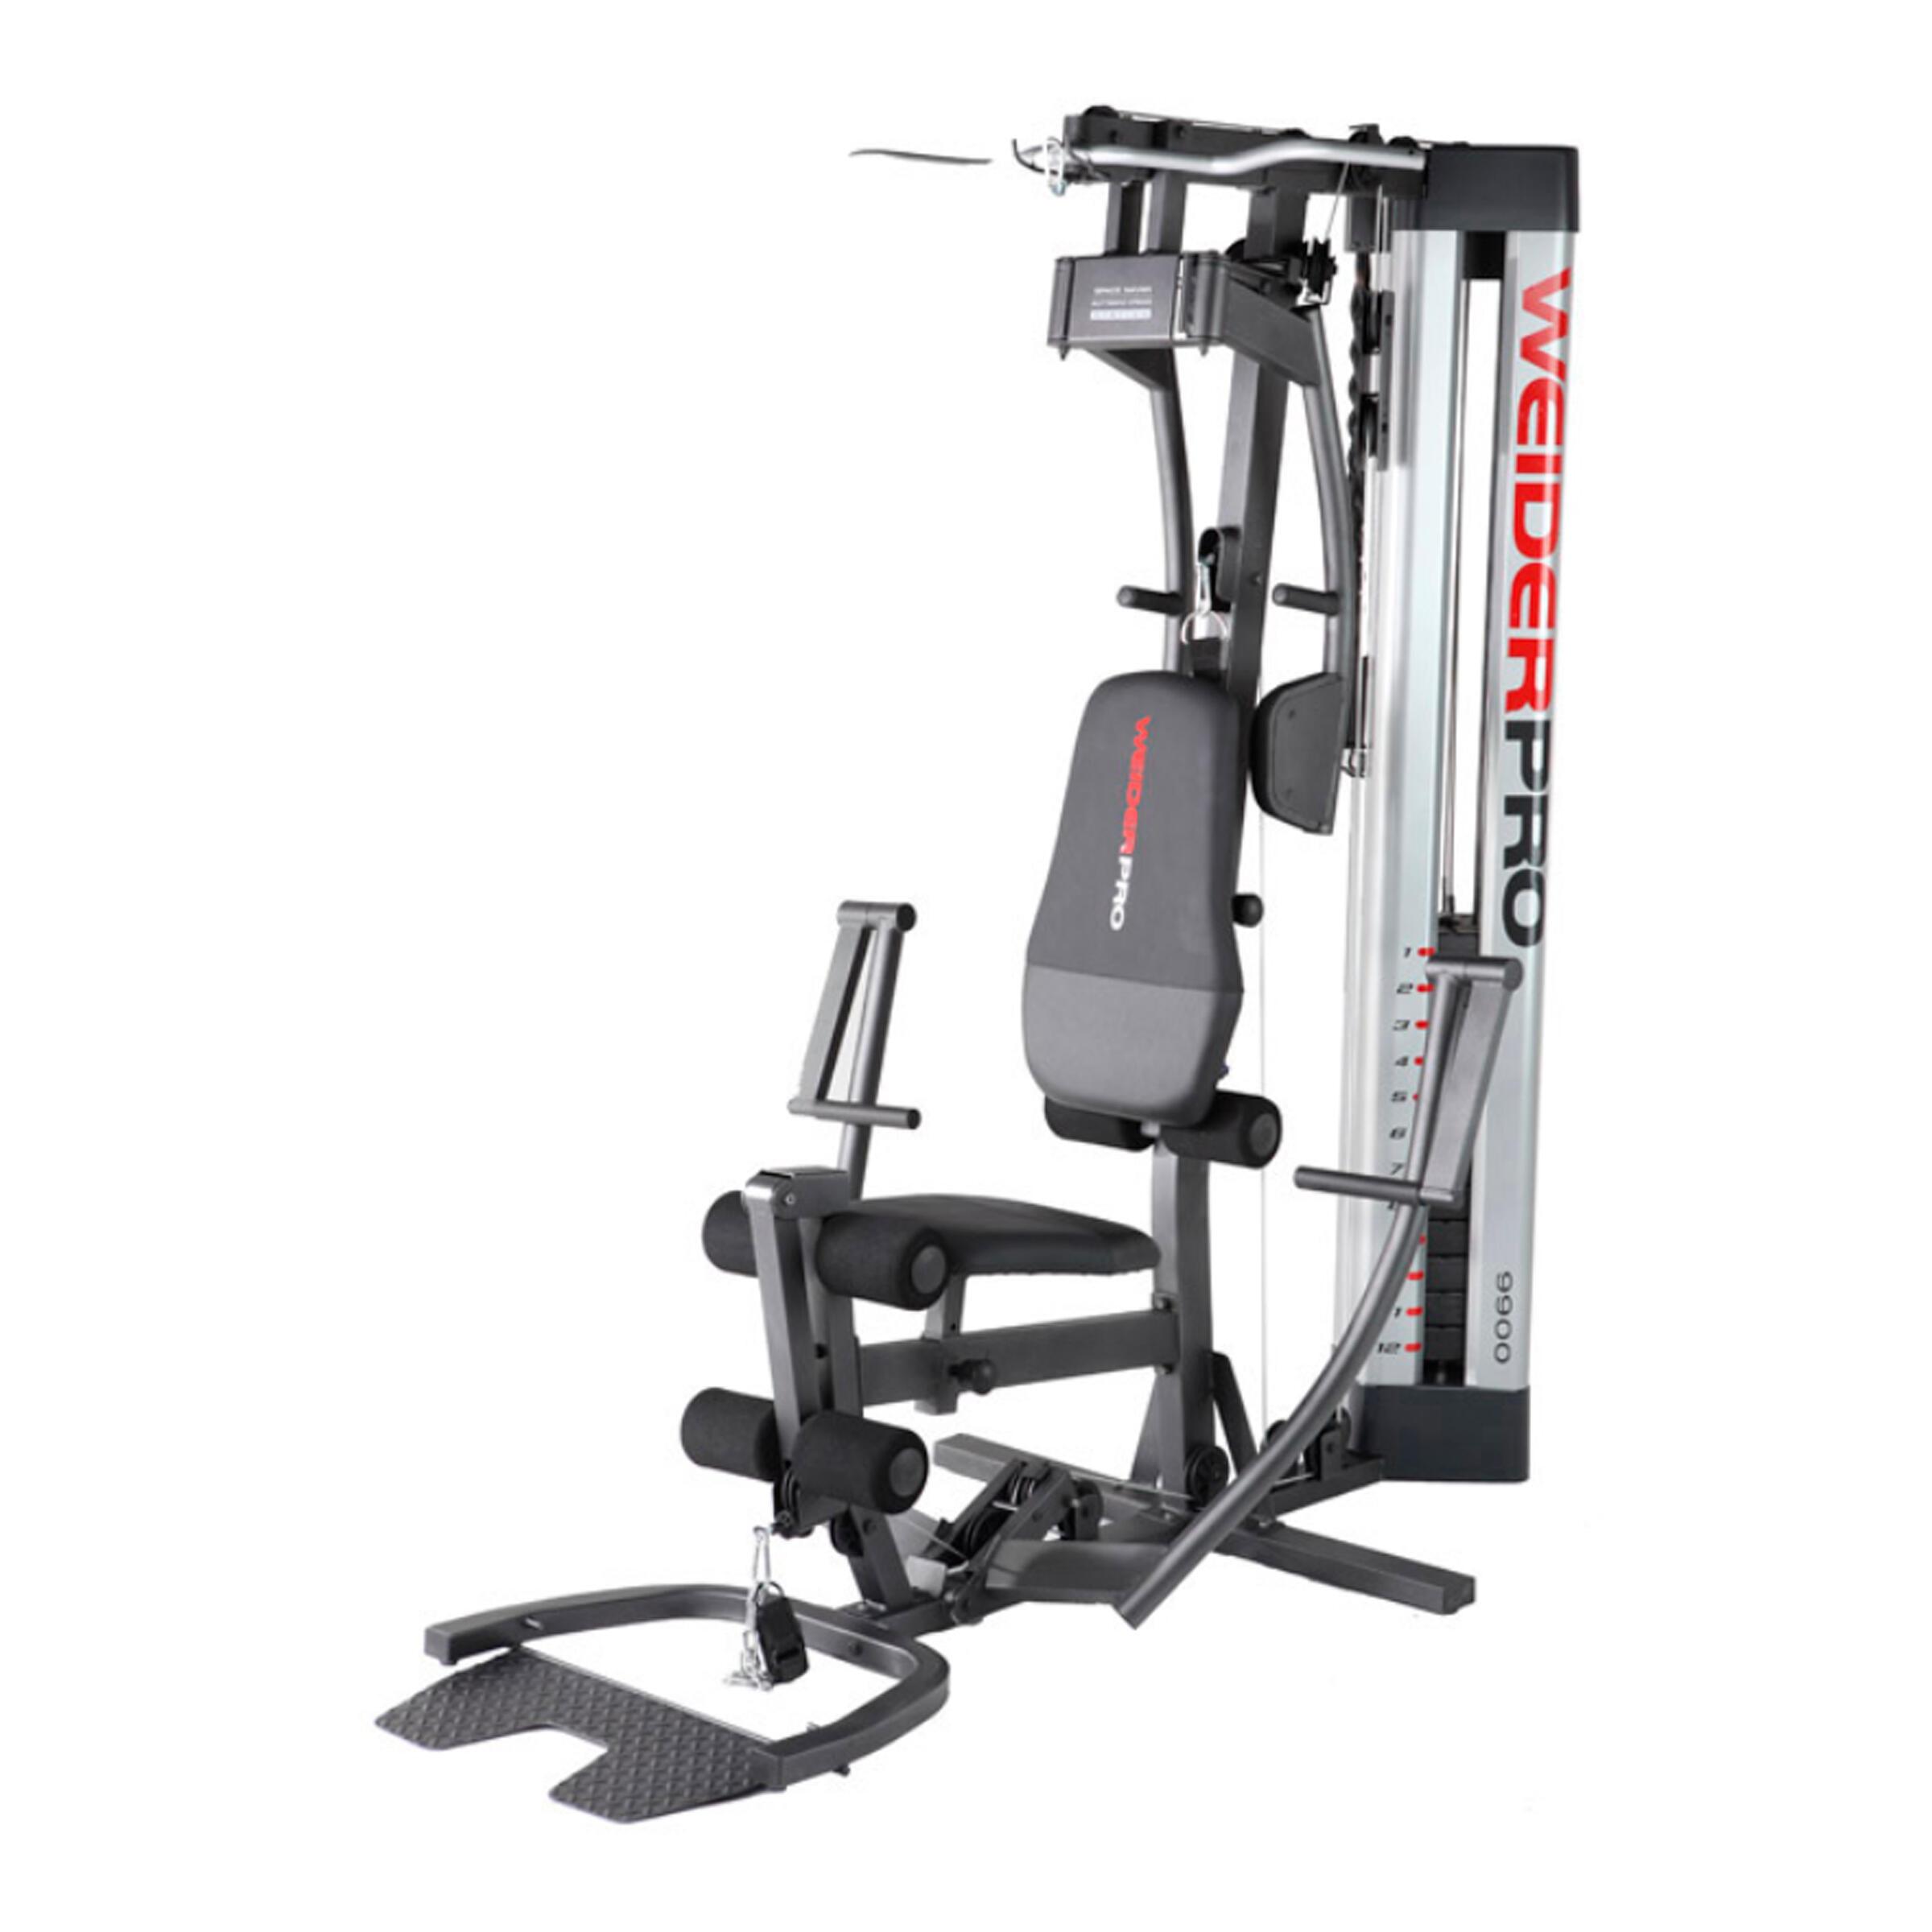 PRODUCTO OCASIÓN: Multiestación Musculación Weider Pro 9900I